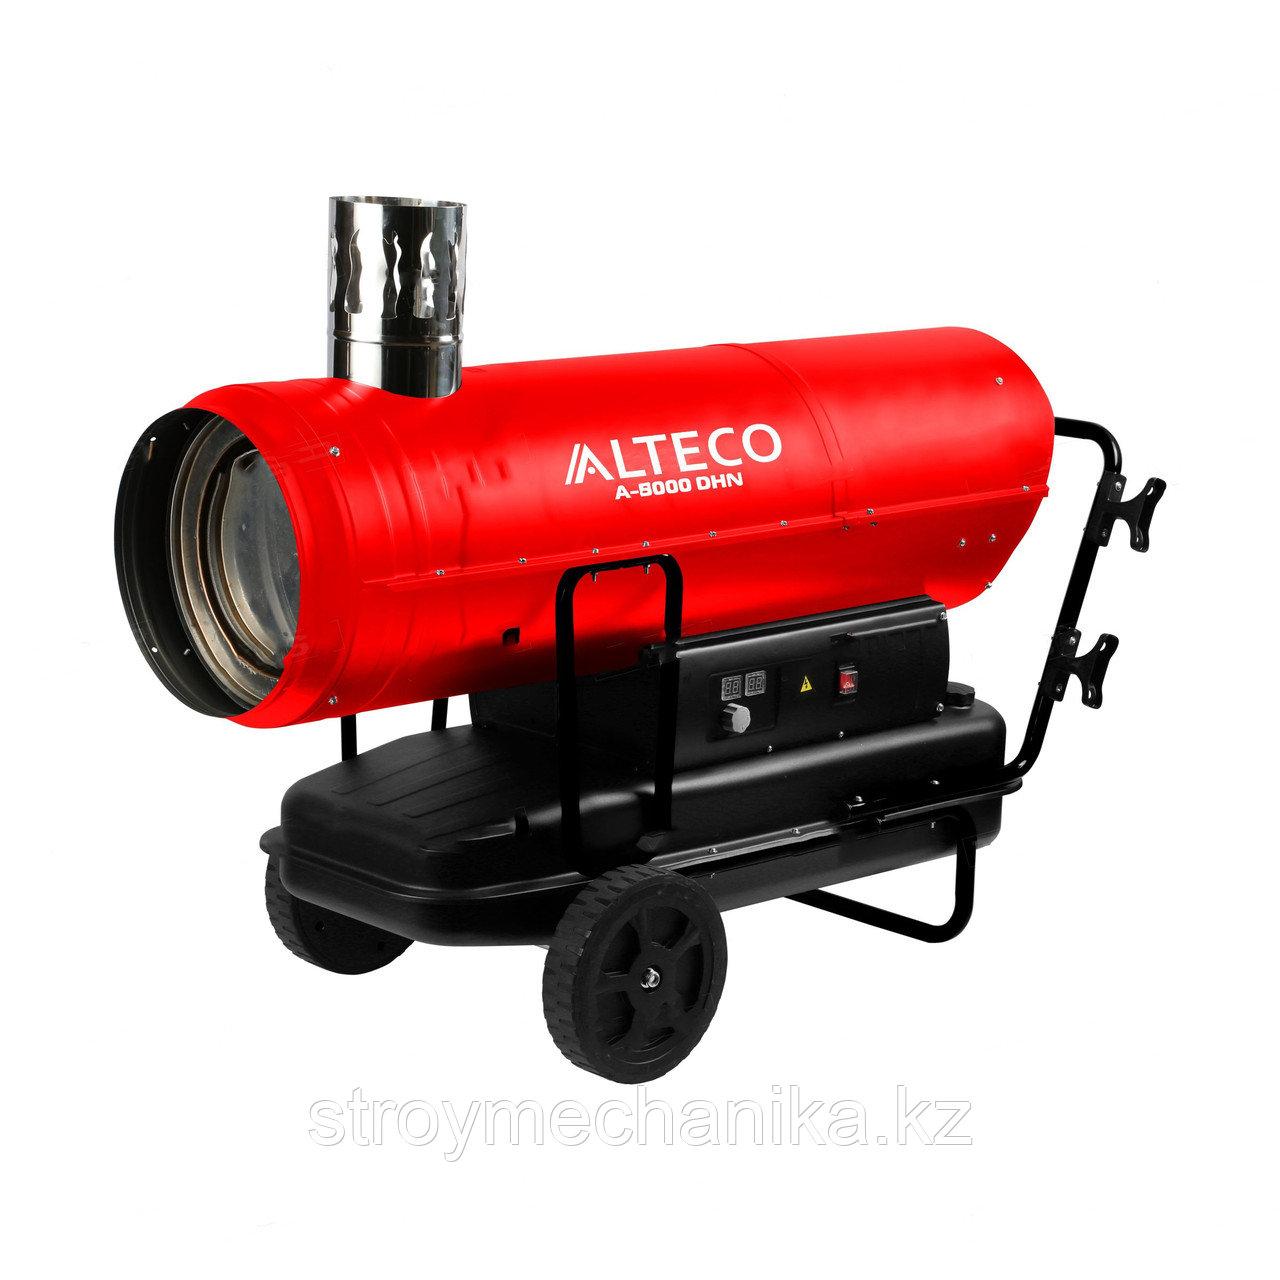 Нагреватель на жидк.топливе A-8000DHN (80 кВт) Alteco